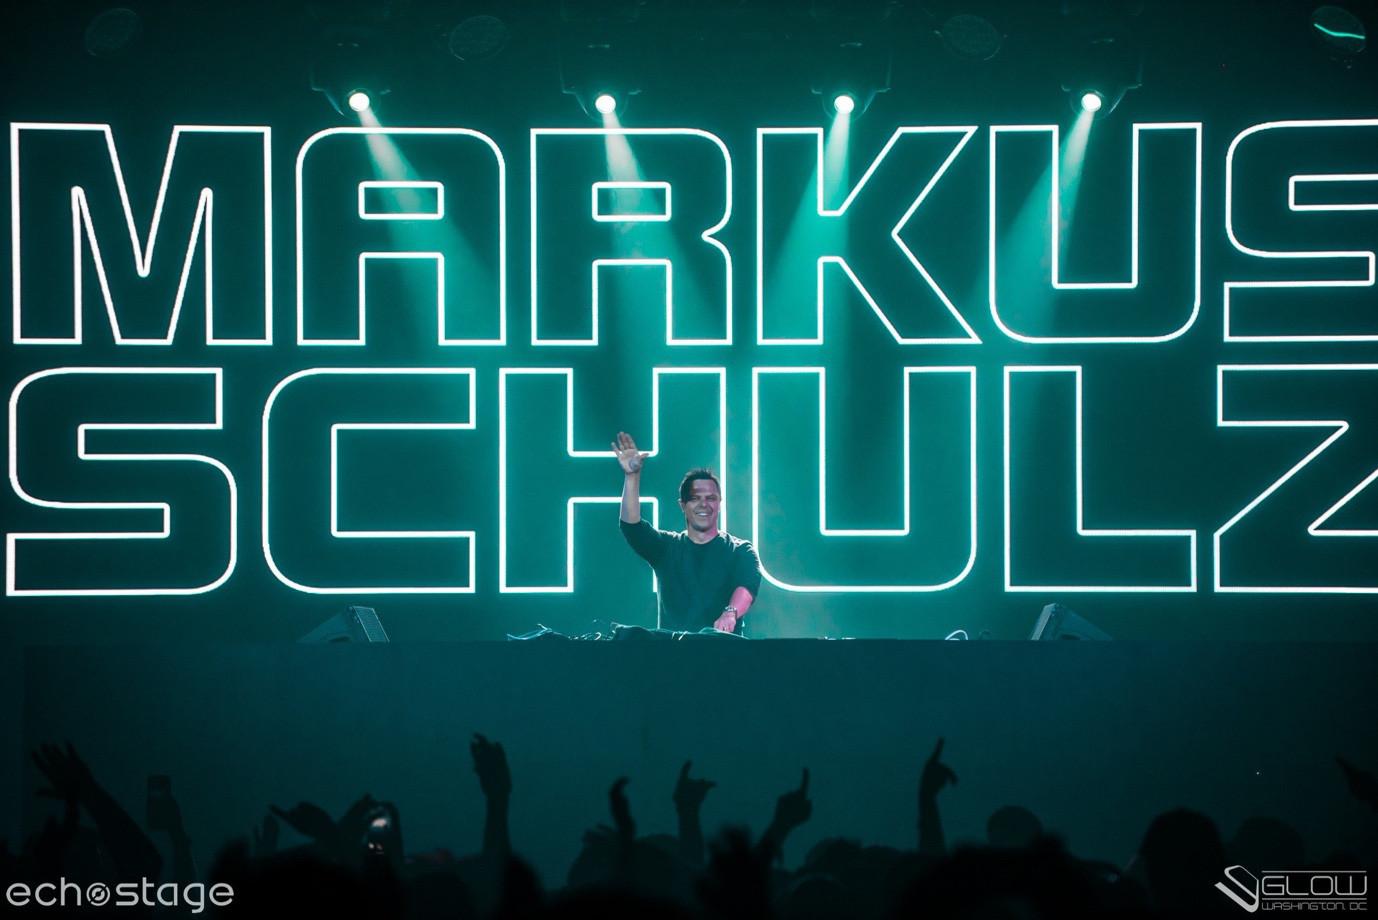 Markus Schulz - một trong ba tượng đài nhạc Trance đương đại sẽ biểu diễn tại TP.HCM vào tháng 11